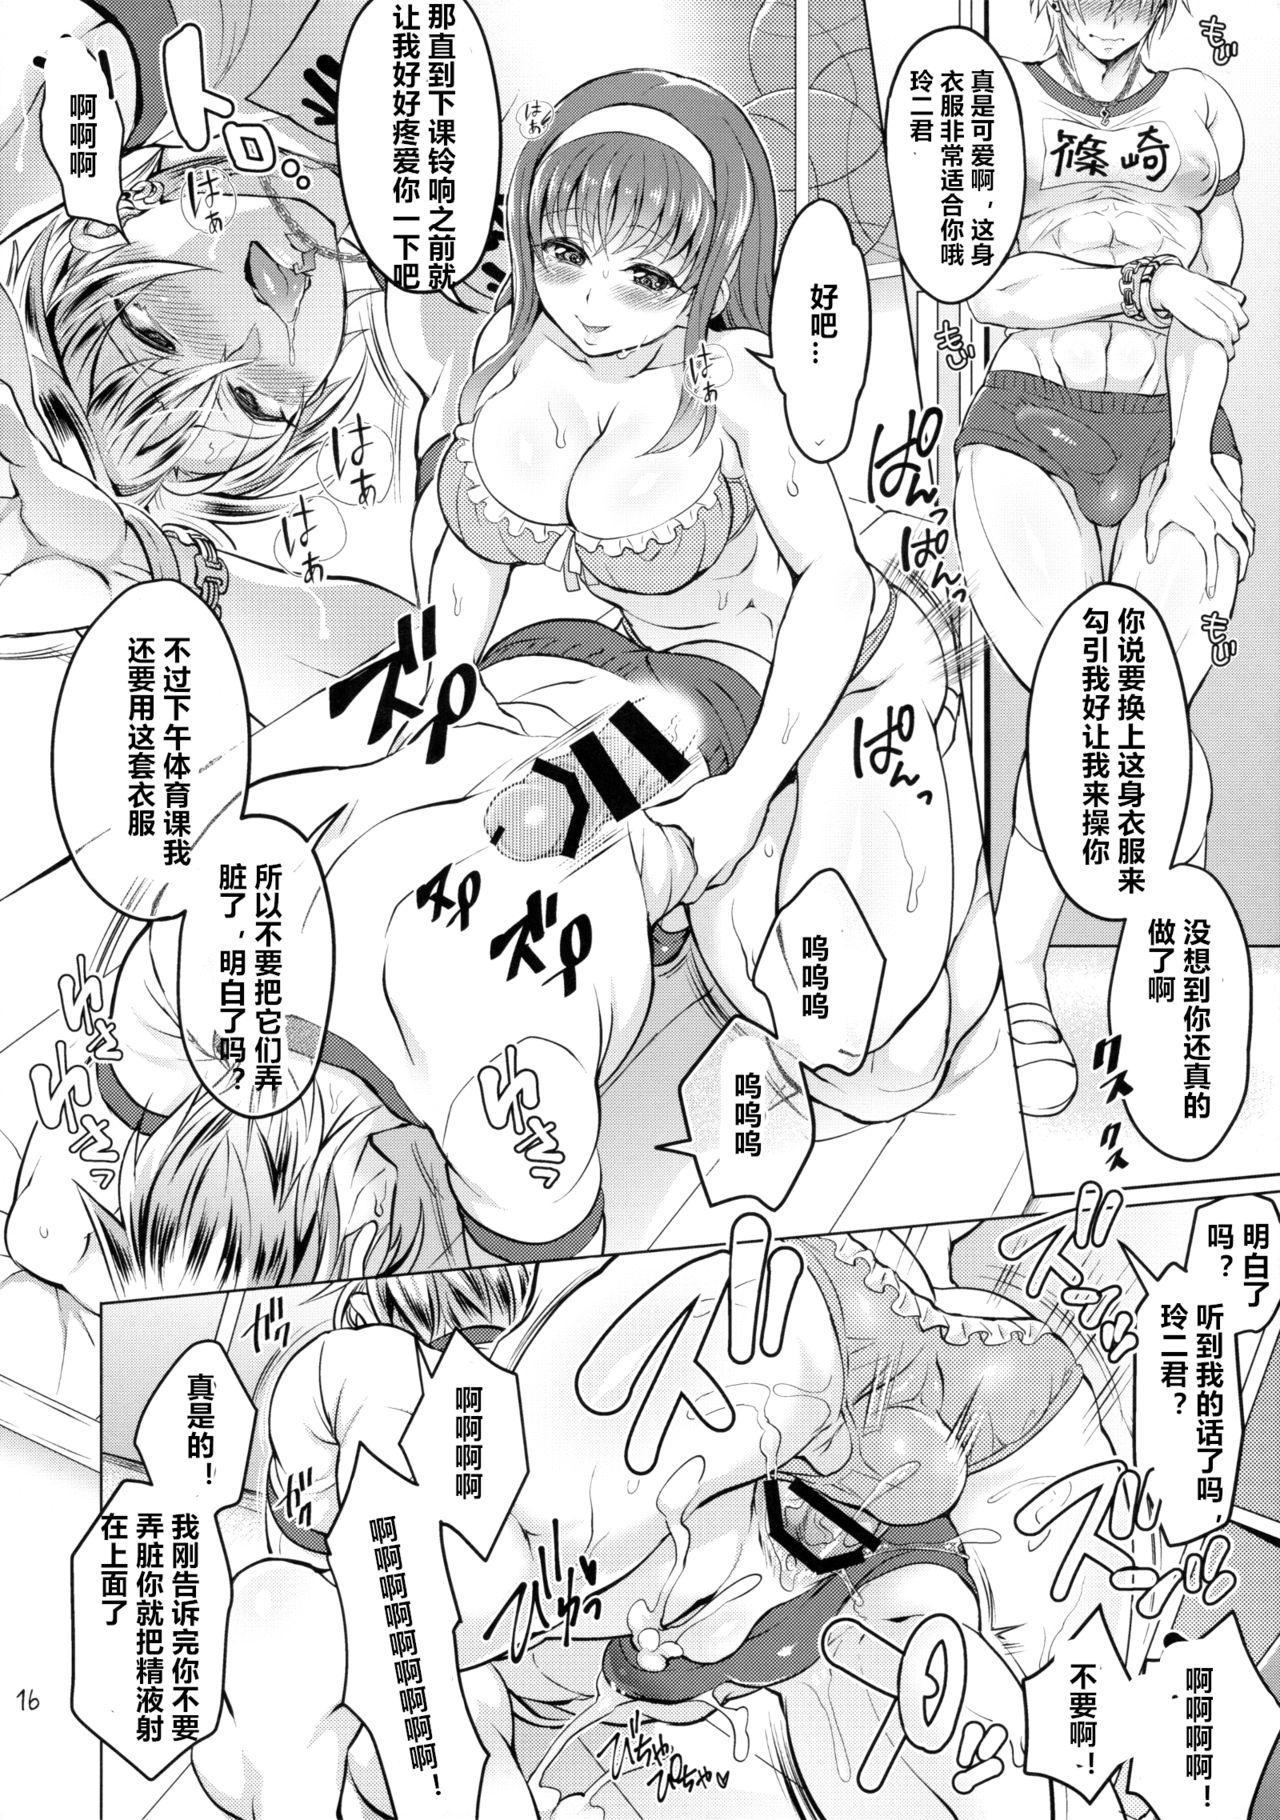 Futanari Kanojo o Netotta Yarichin Otoko ga Mesu Ochi Sareru 14